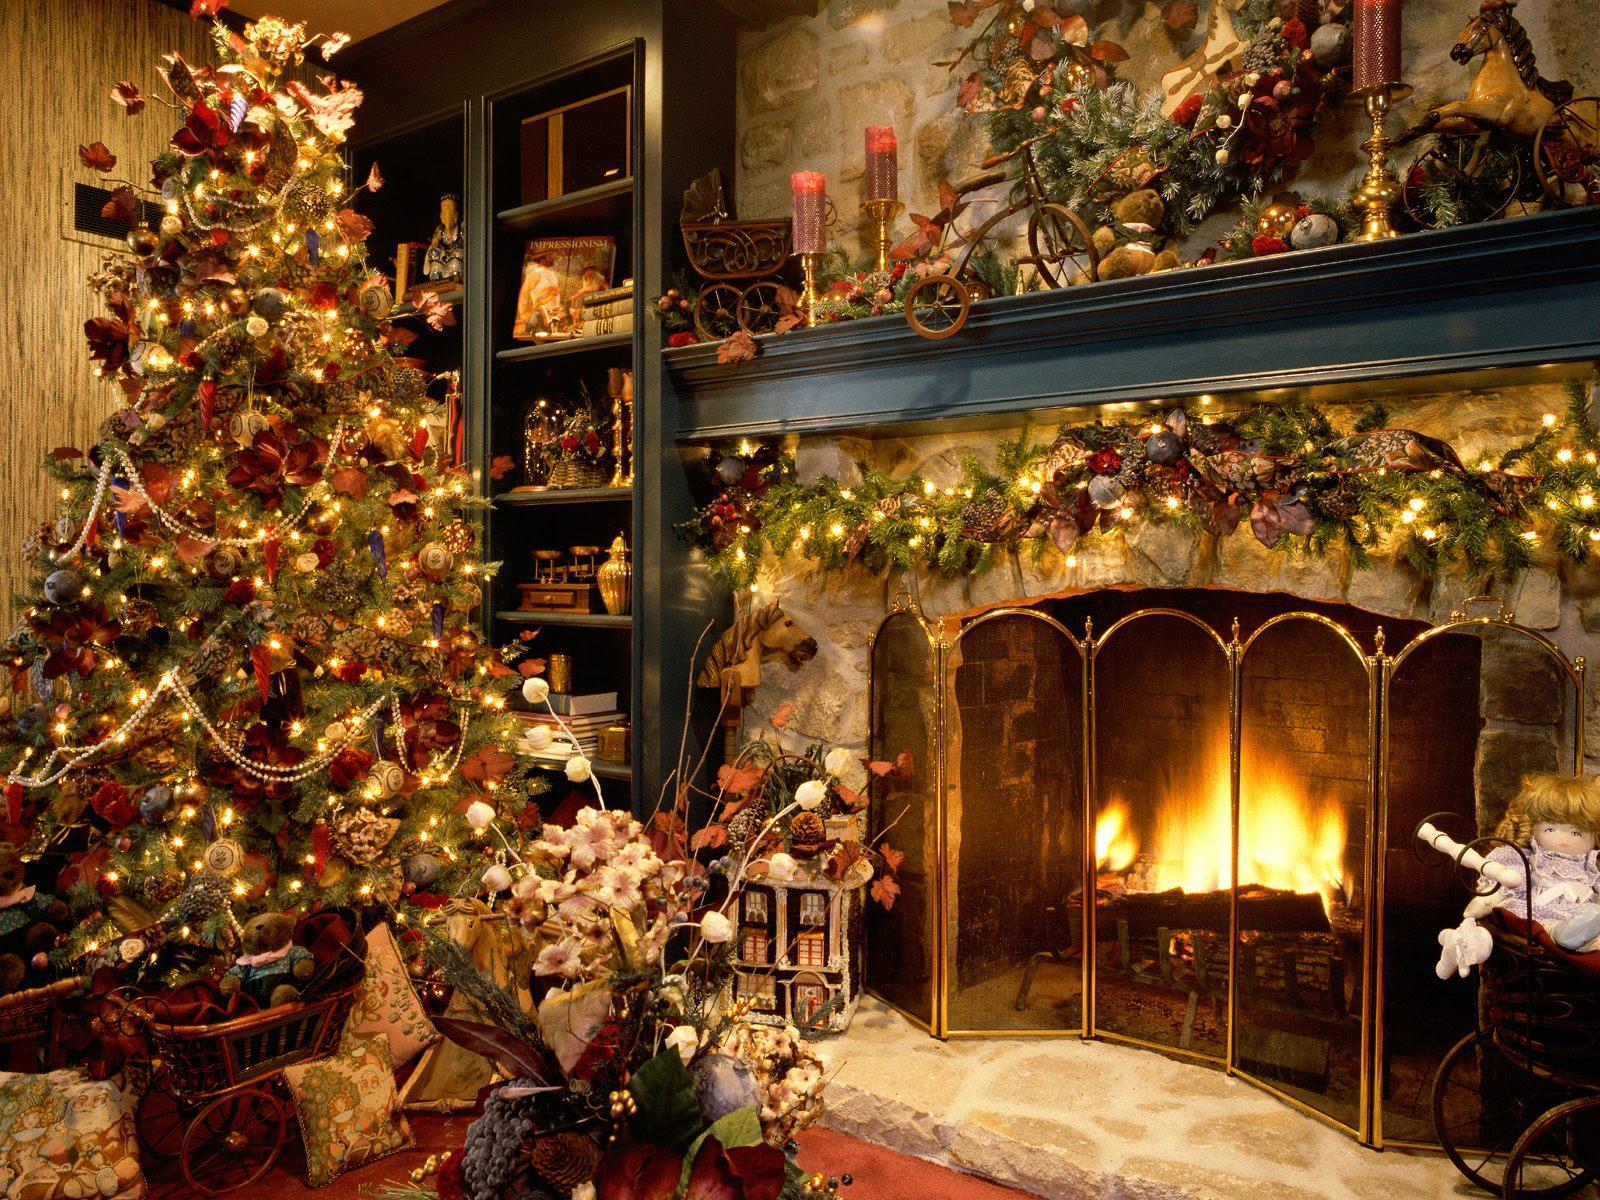 Weihnachten Wallpaper